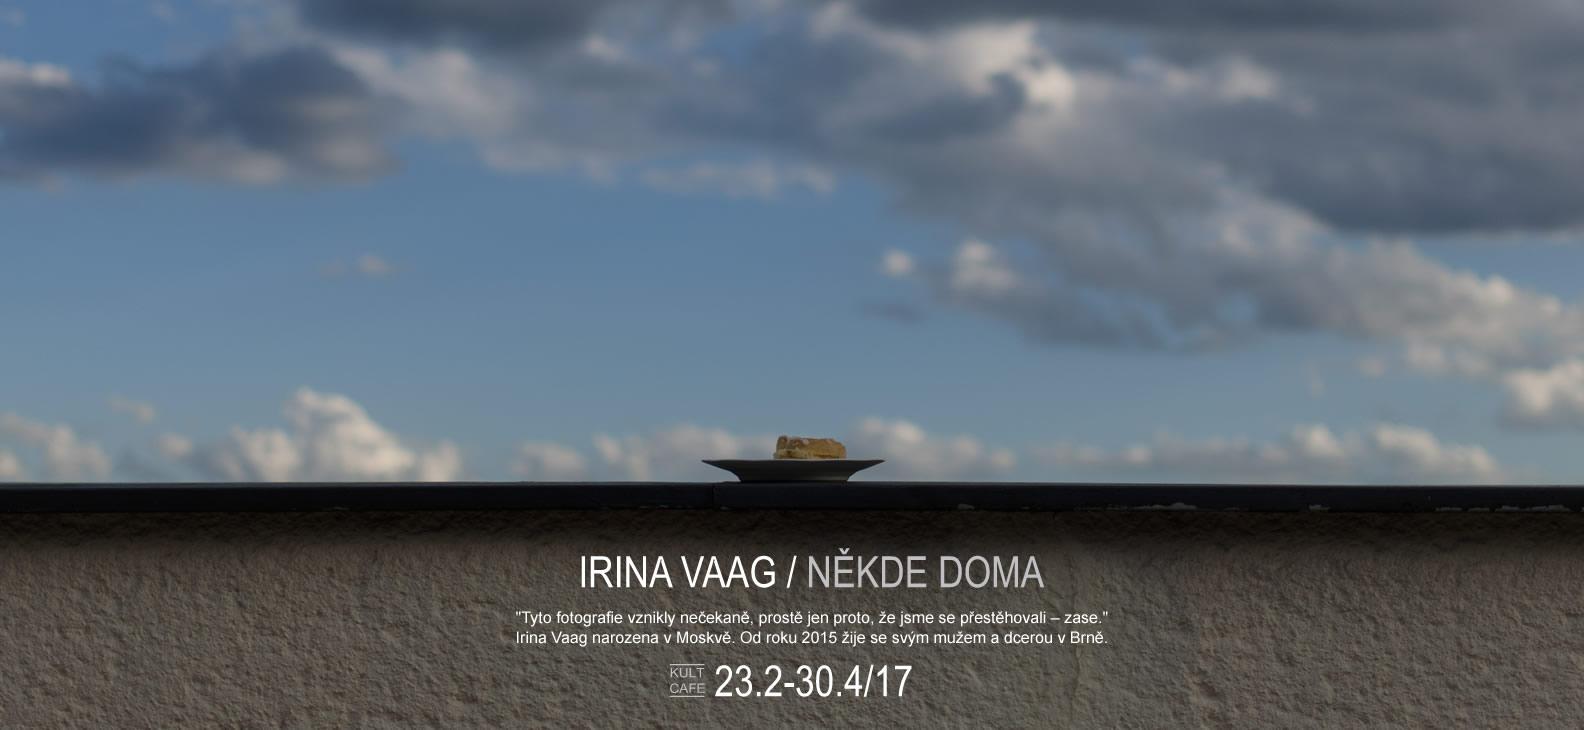 Irina Vaag / Někde doma